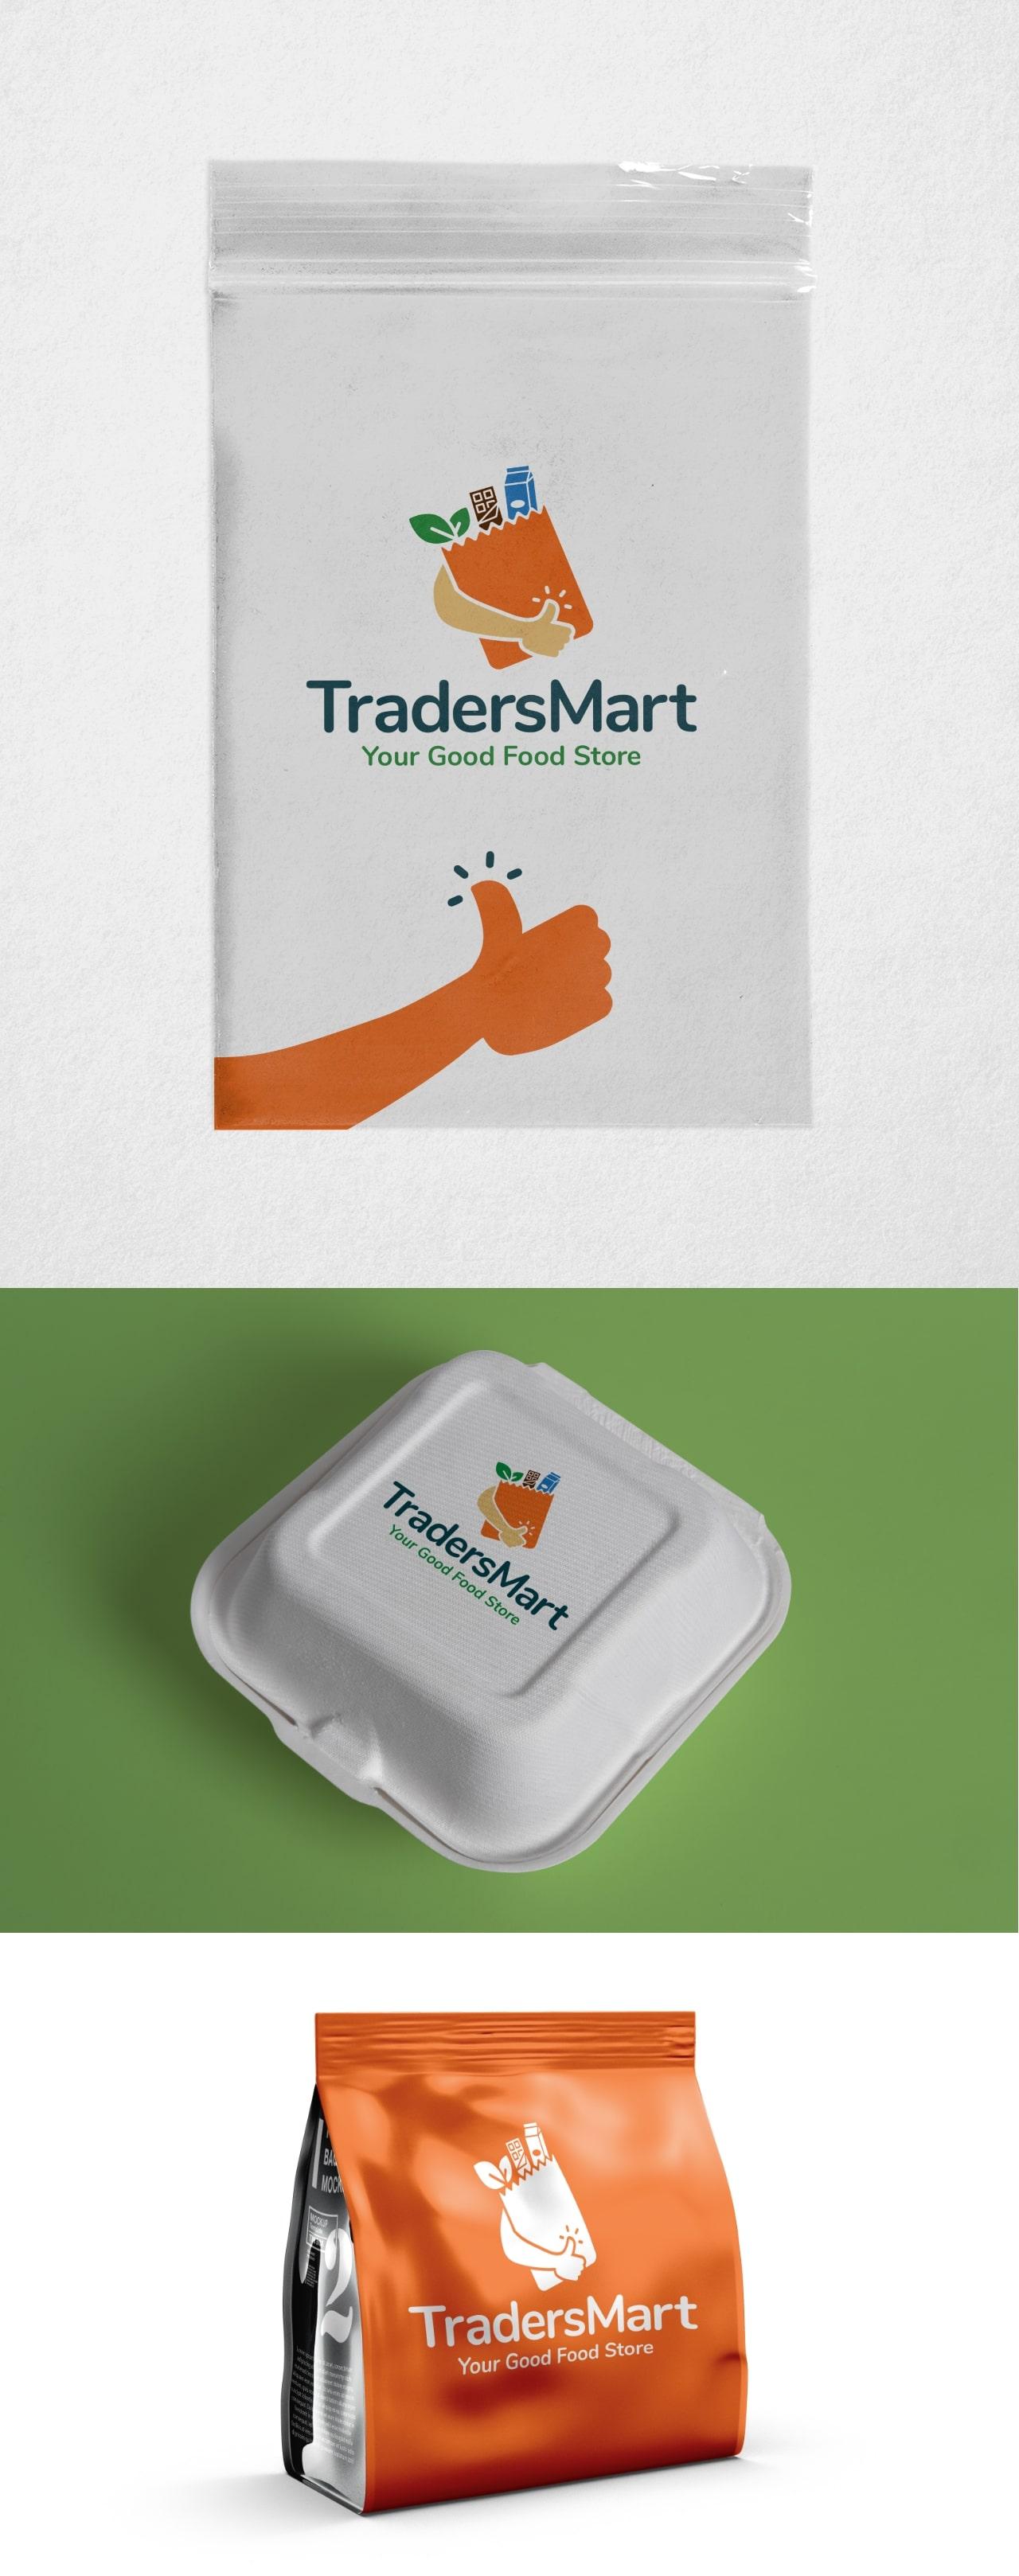 TradersMart Packaging